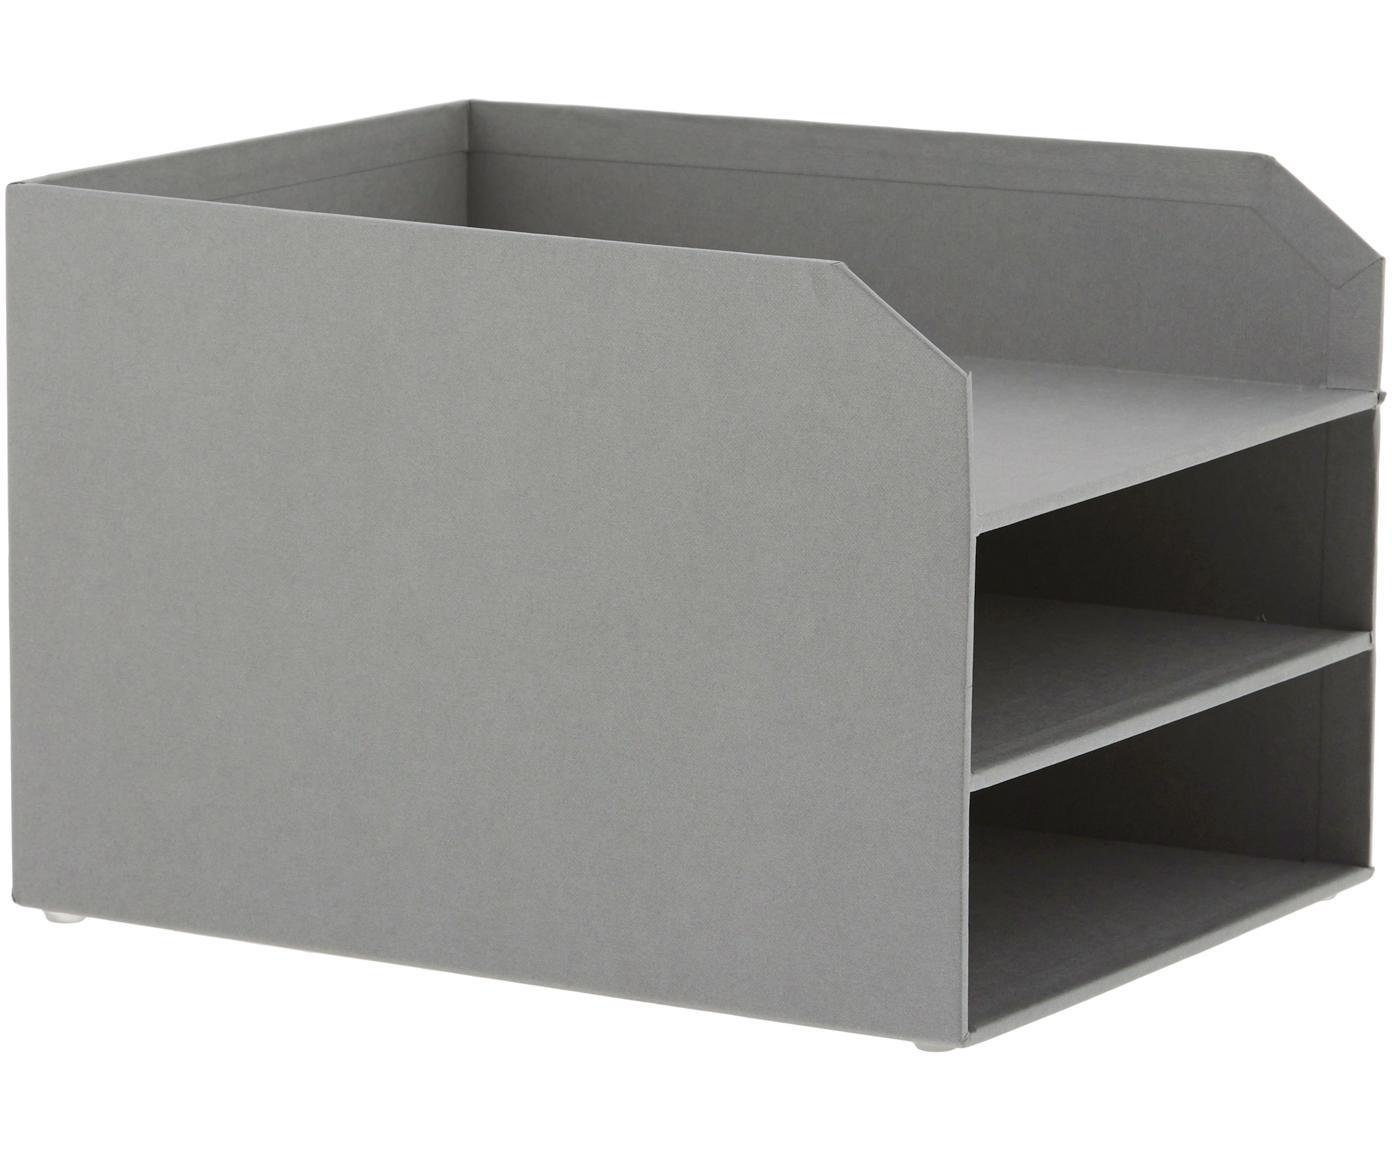 Organizer per documenti  Trey, Cartone solido e laminato, Grigio, Larg. 23 x Alt. 21 cm